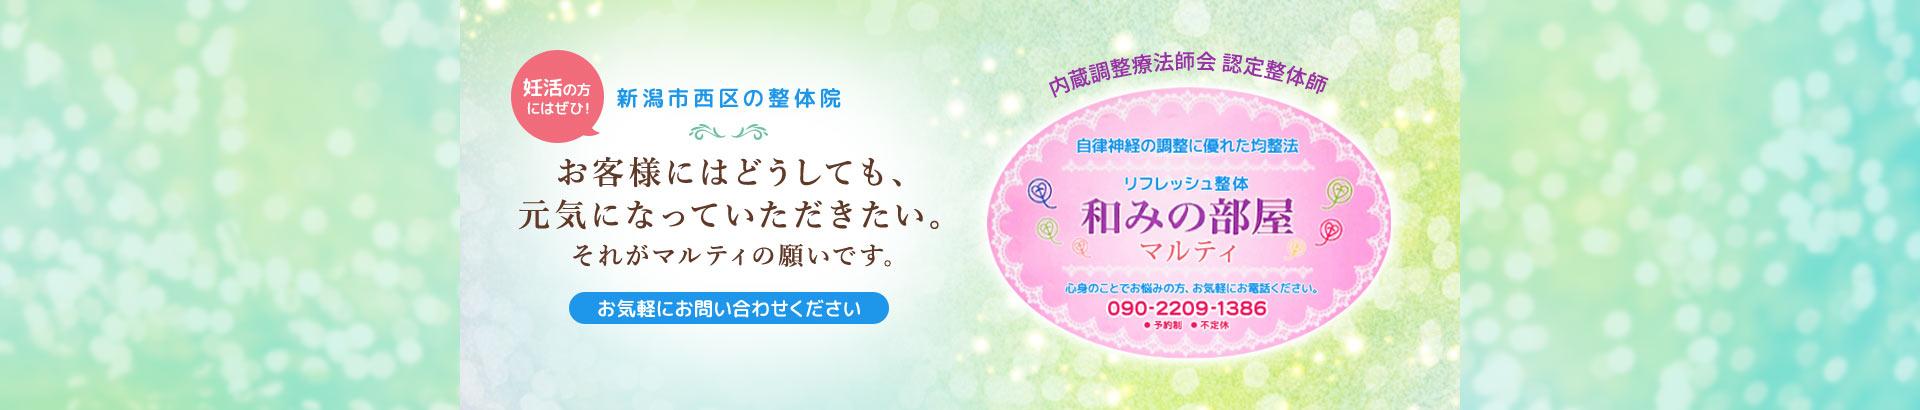 妊活の方はぜひ!新潟市西区の整体院 お客様にはどうしても、元気になっていただきたい。それがマルティの願いです。 お気軽にお問い合わせください